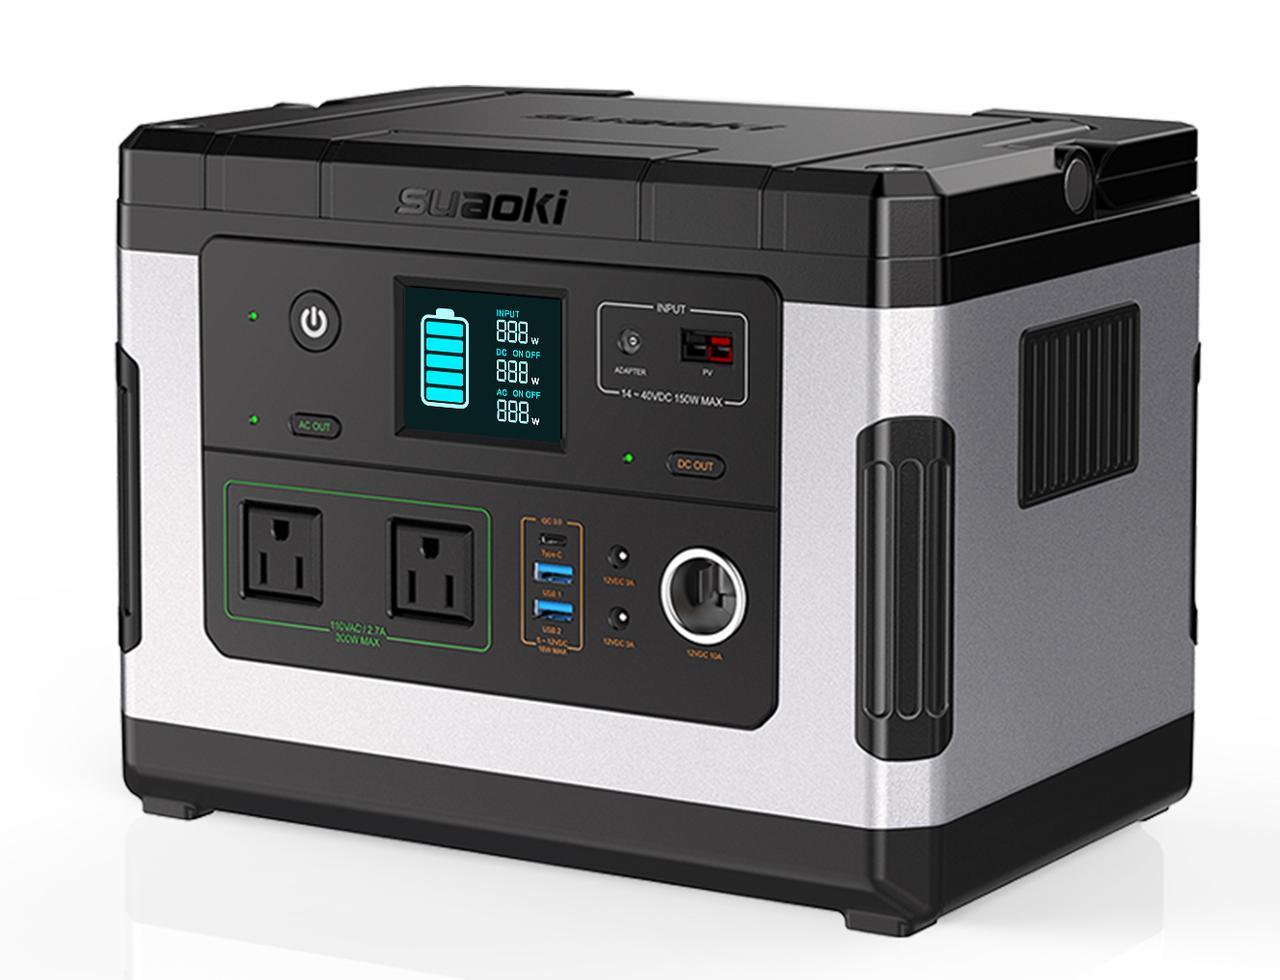 画像: SUAOKI G500 500Wh Portable Power Station